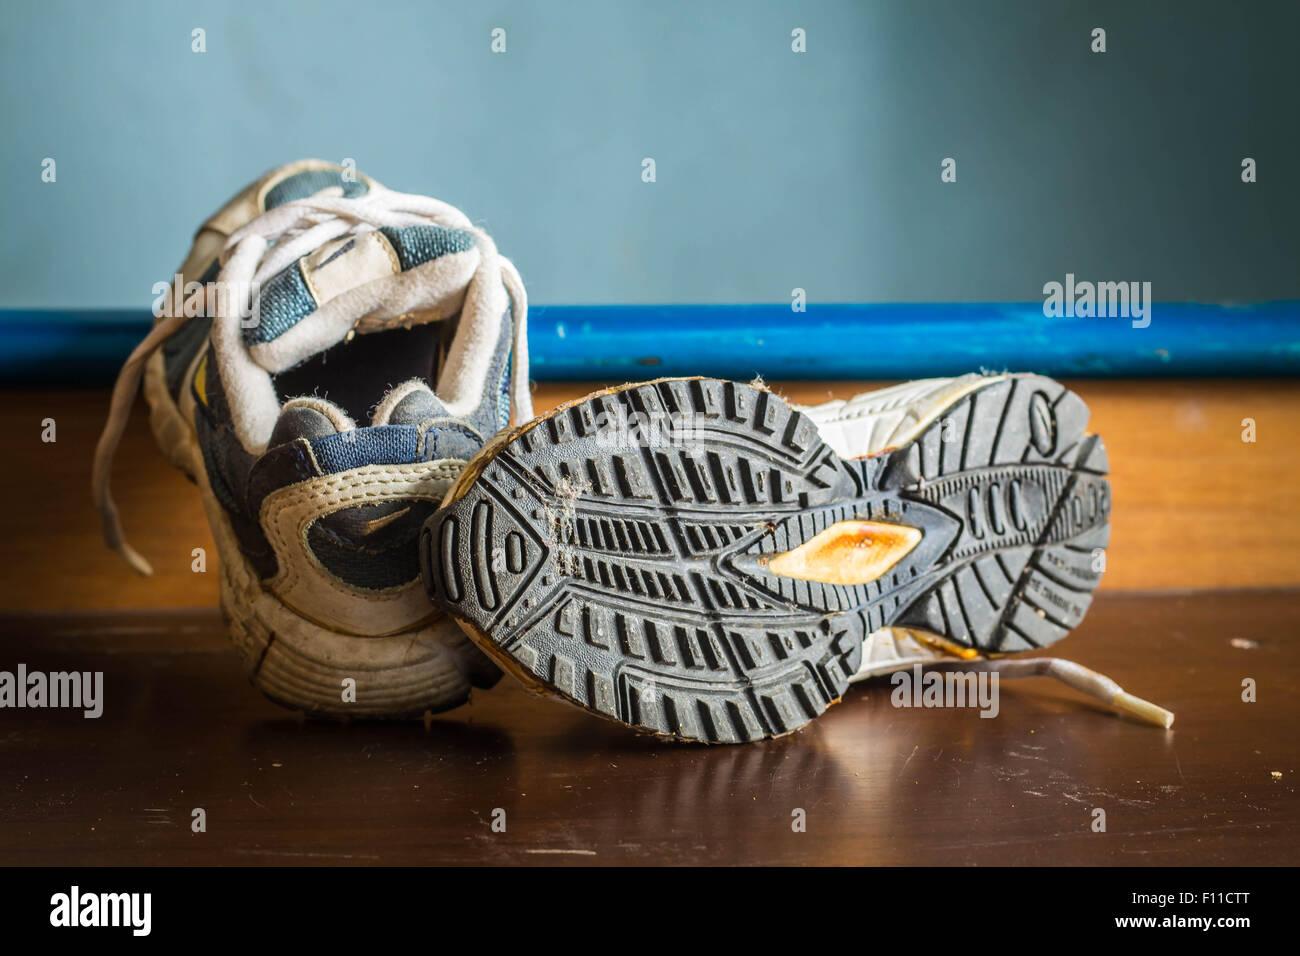 Viejos zapatos deportivos en las suelas. Imagen De Stock